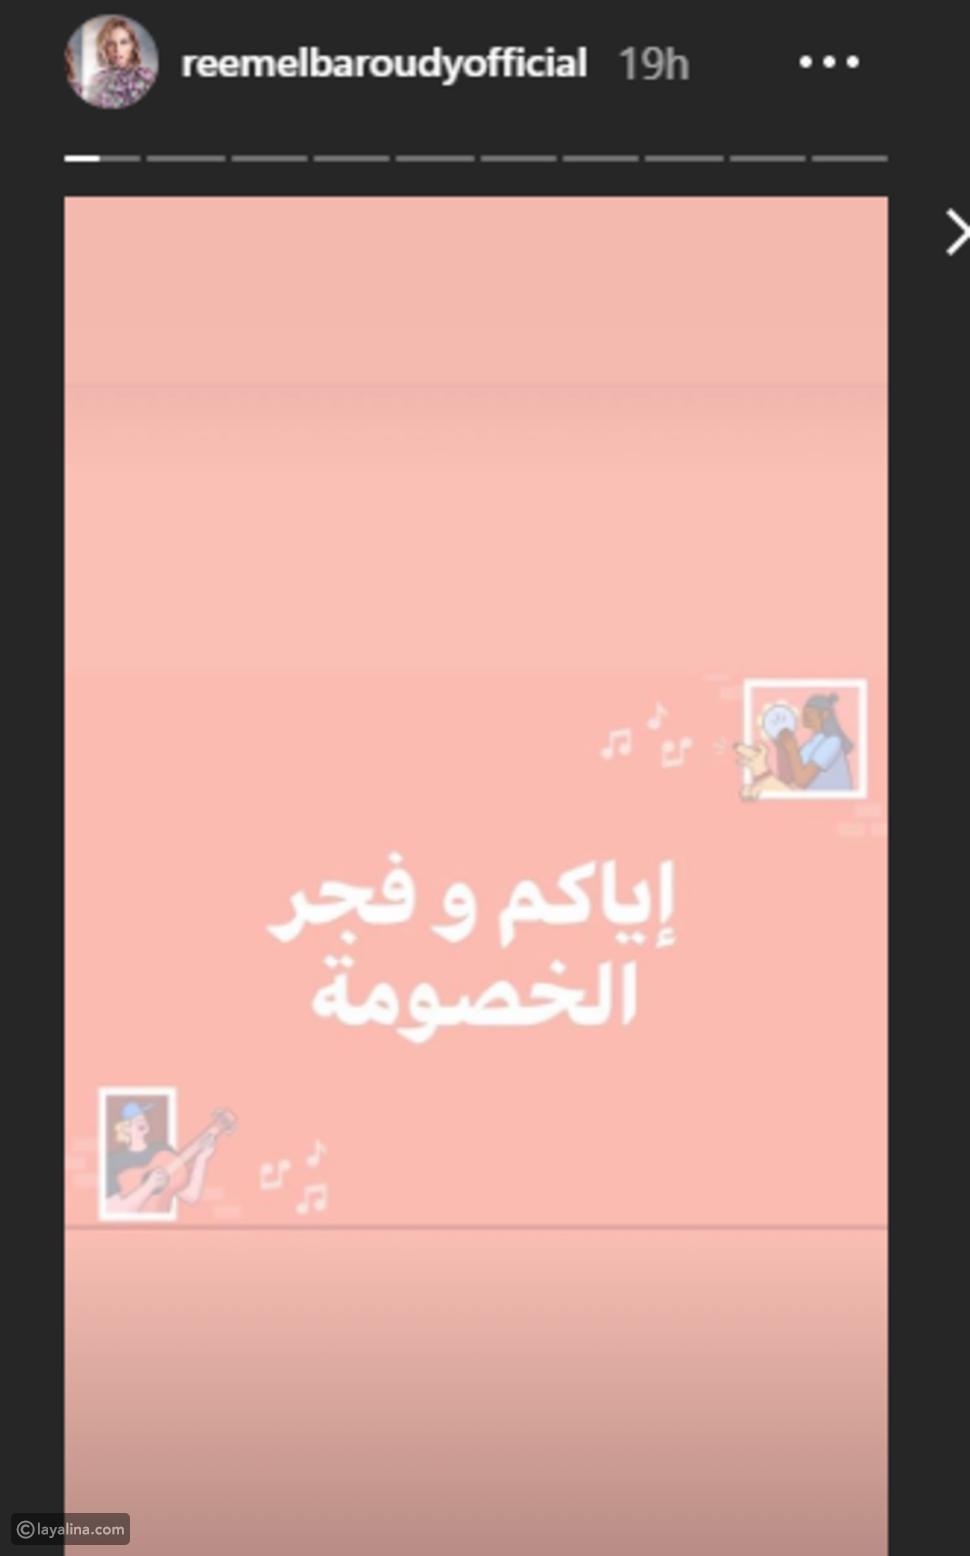 تعليق ريم البارودي بعد منعها من الظهور الإعلامي